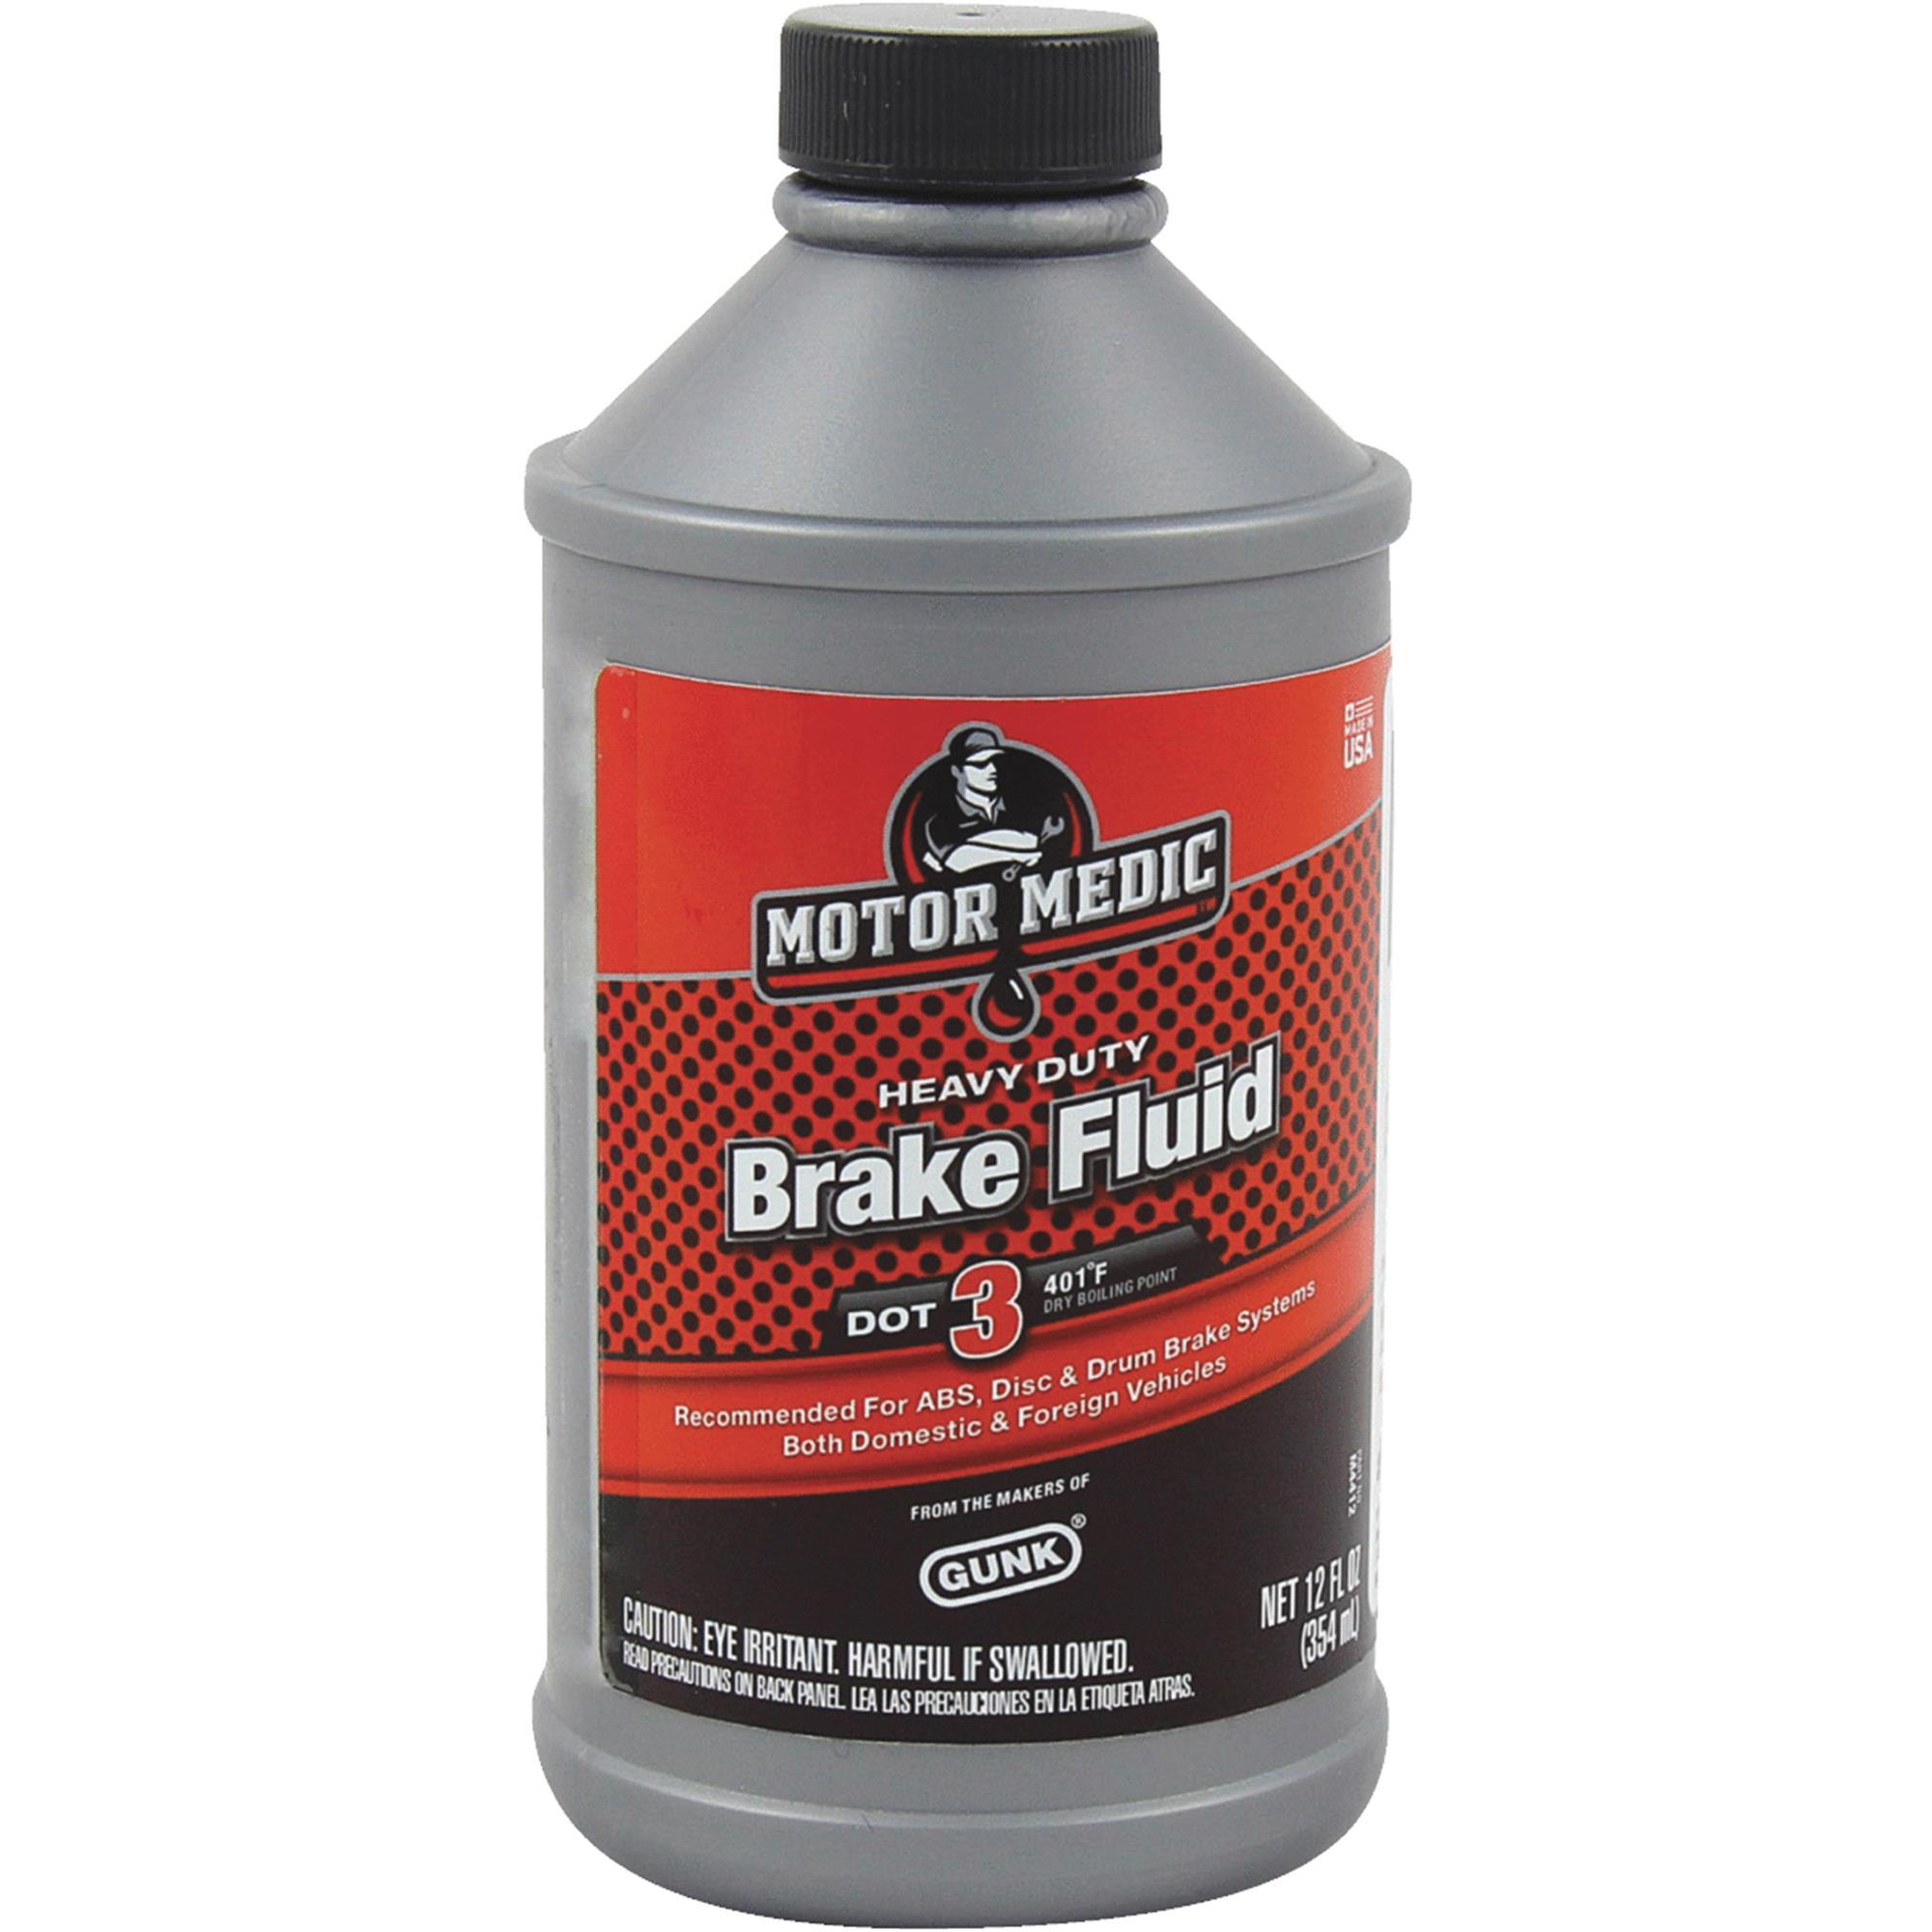 MotorMedic Heavy-Duty Brake Fluid